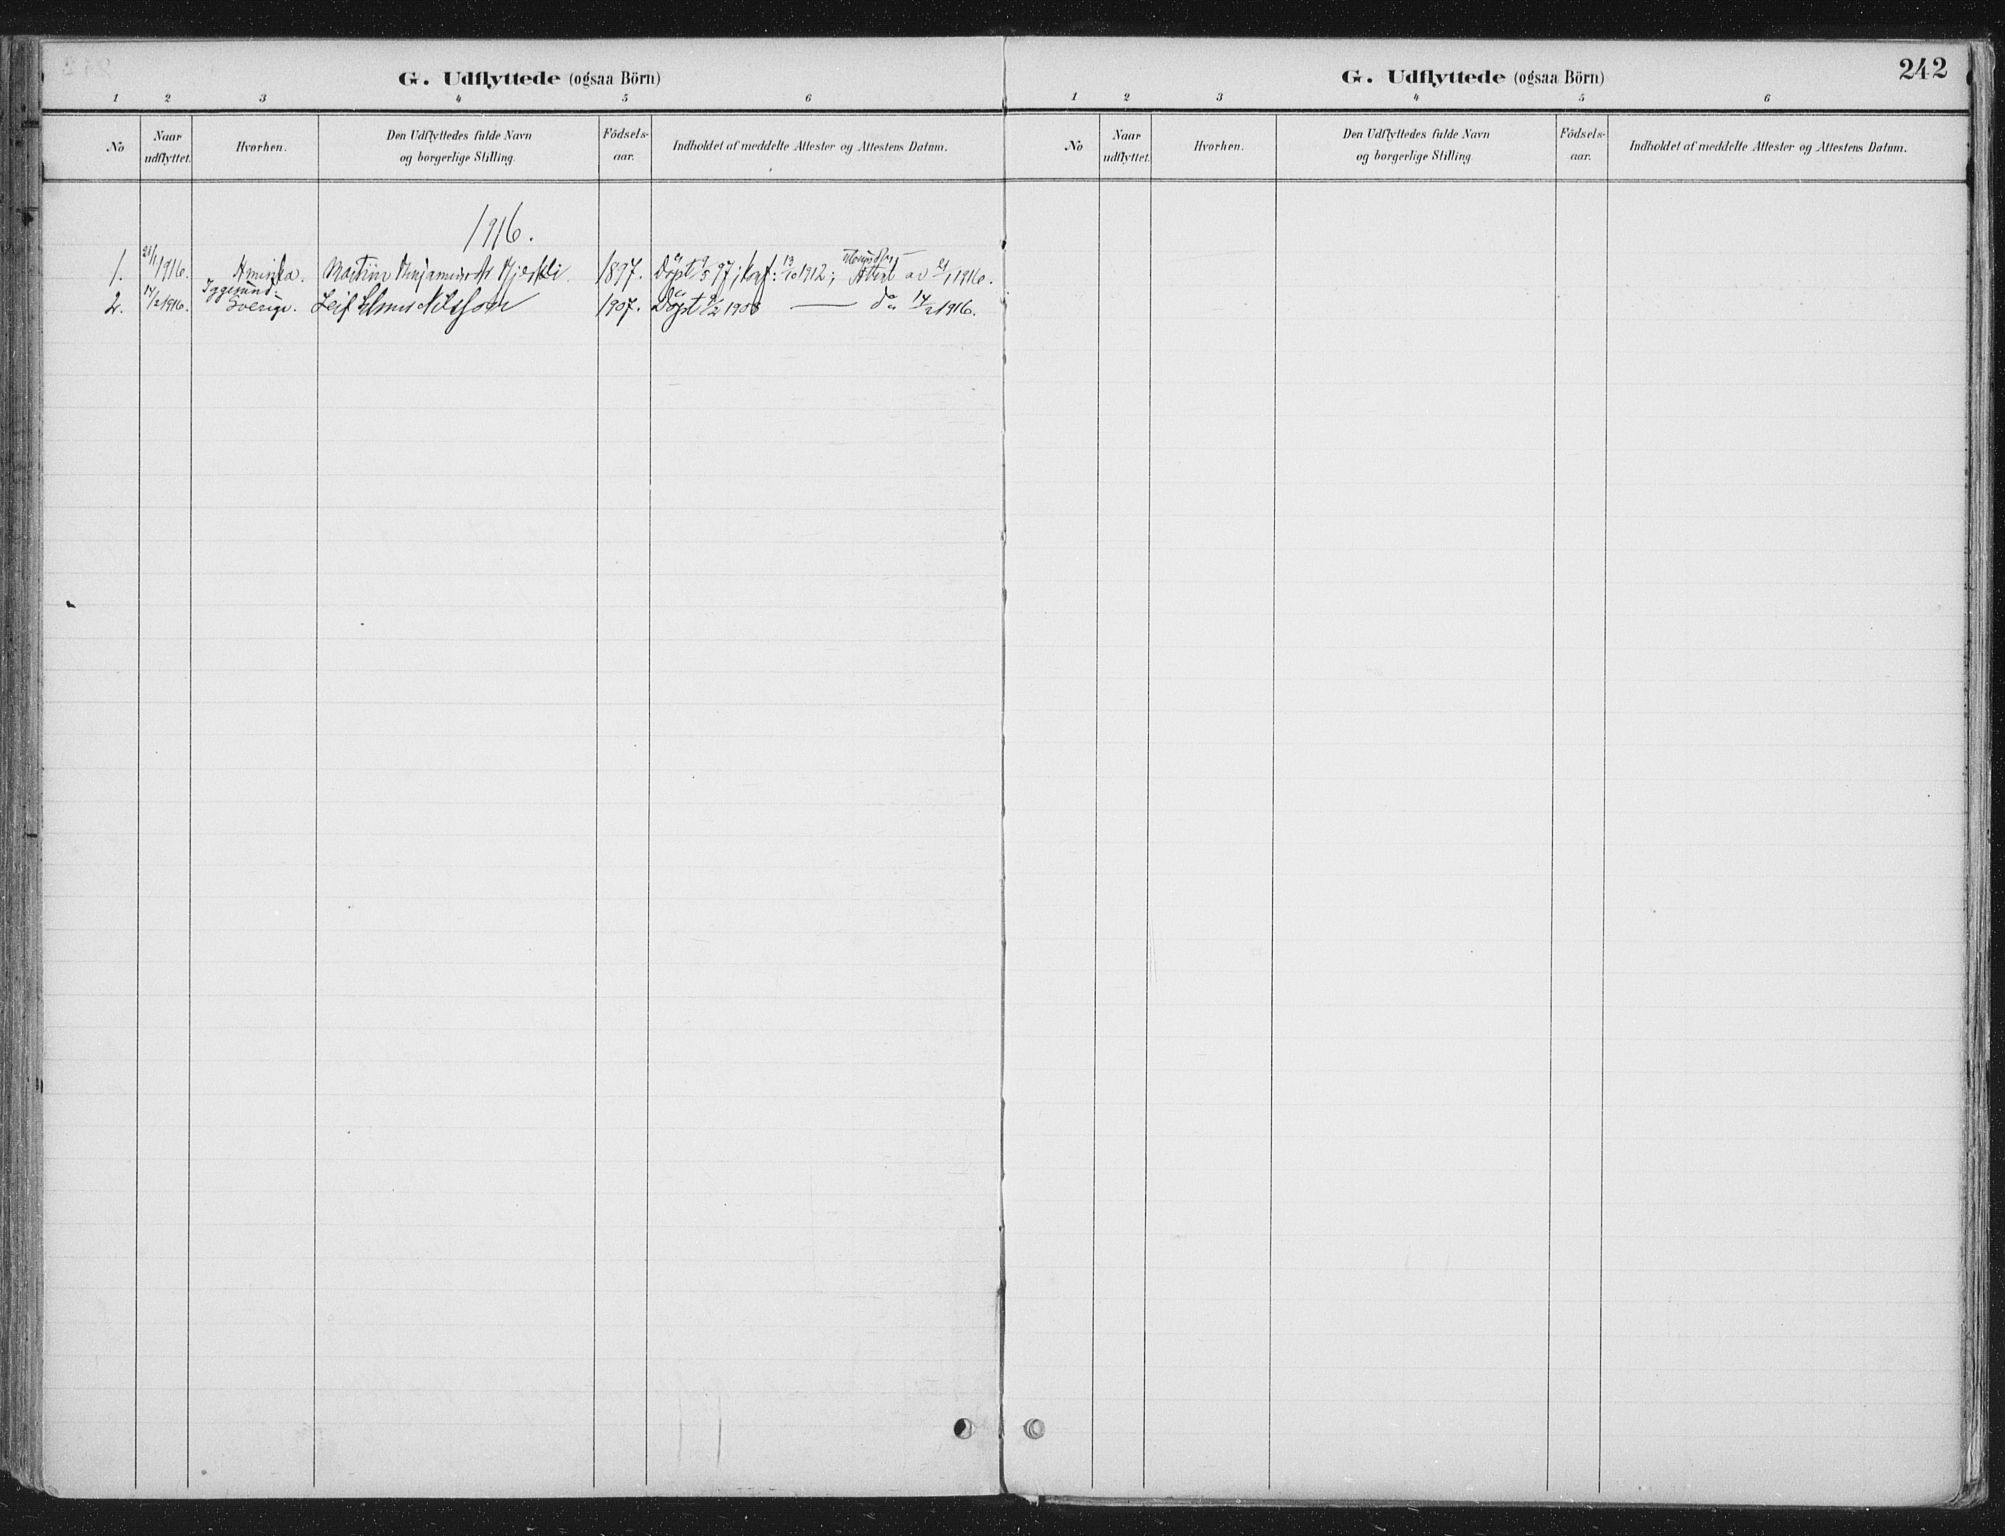 SAT, Ministerialprotokoller, klokkerbøker og fødselsregistre - Nord-Trøndelag, 709/L0082: Ministerialbok nr. 709A22, 1896-1916, s. 242